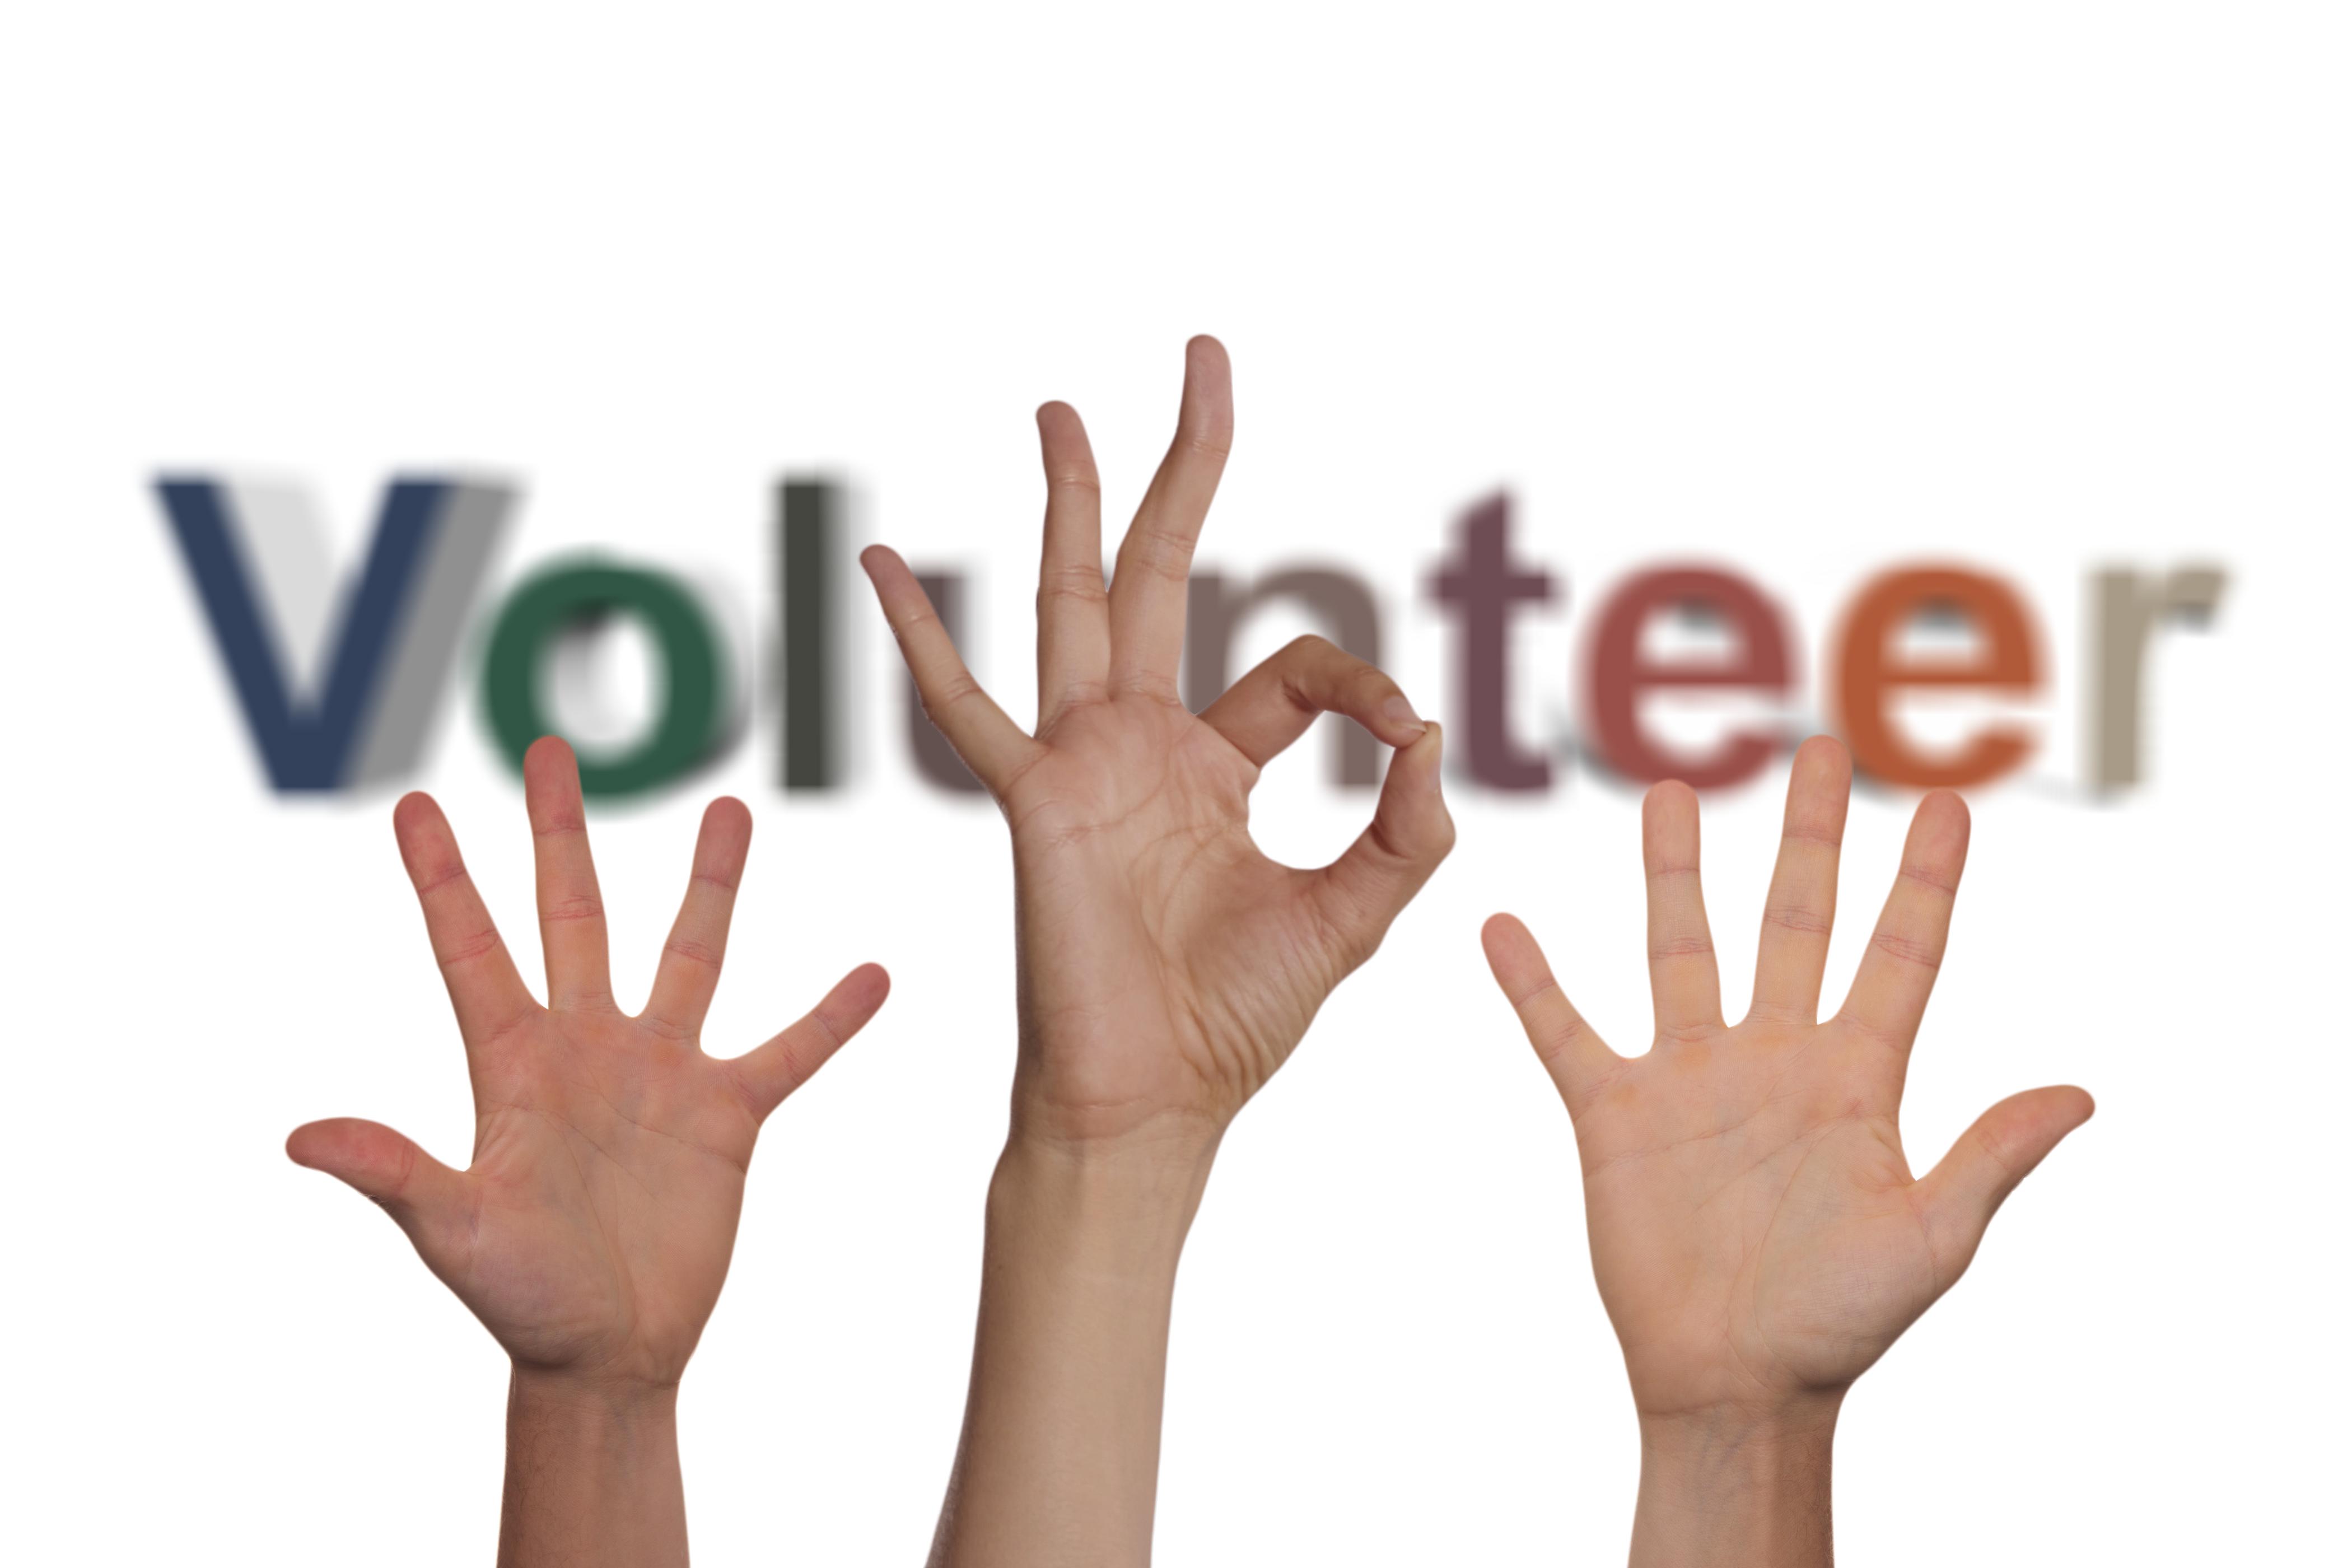 大山崎町ボランティア連絡協議会による「Let ' s  体験‼」に参加しました。